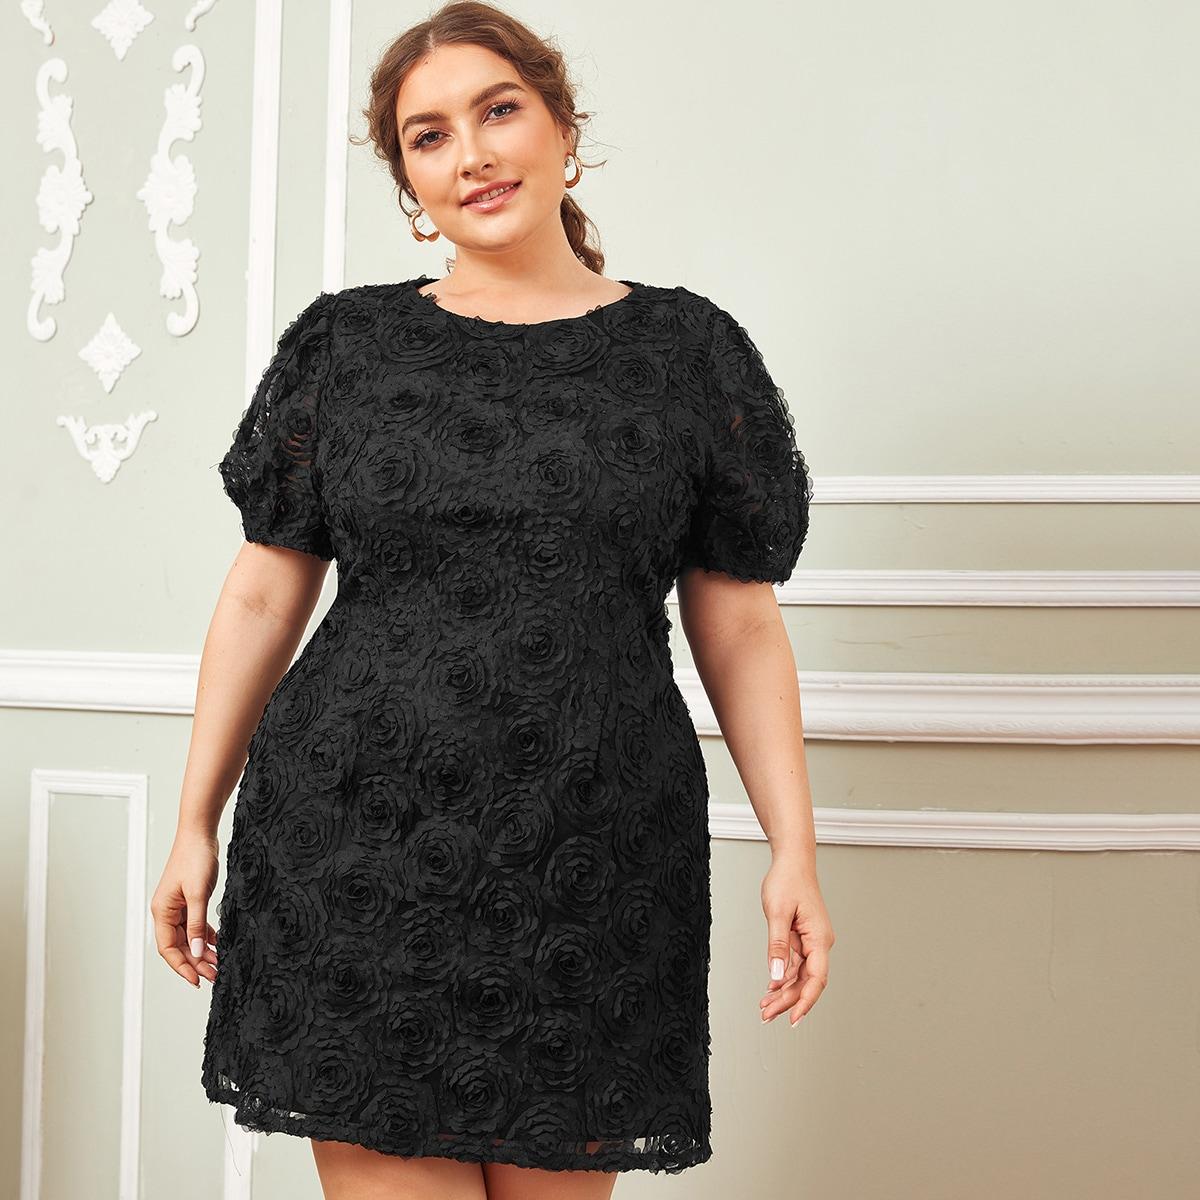 Сетчатое платье размера плюс с пышными рукавами